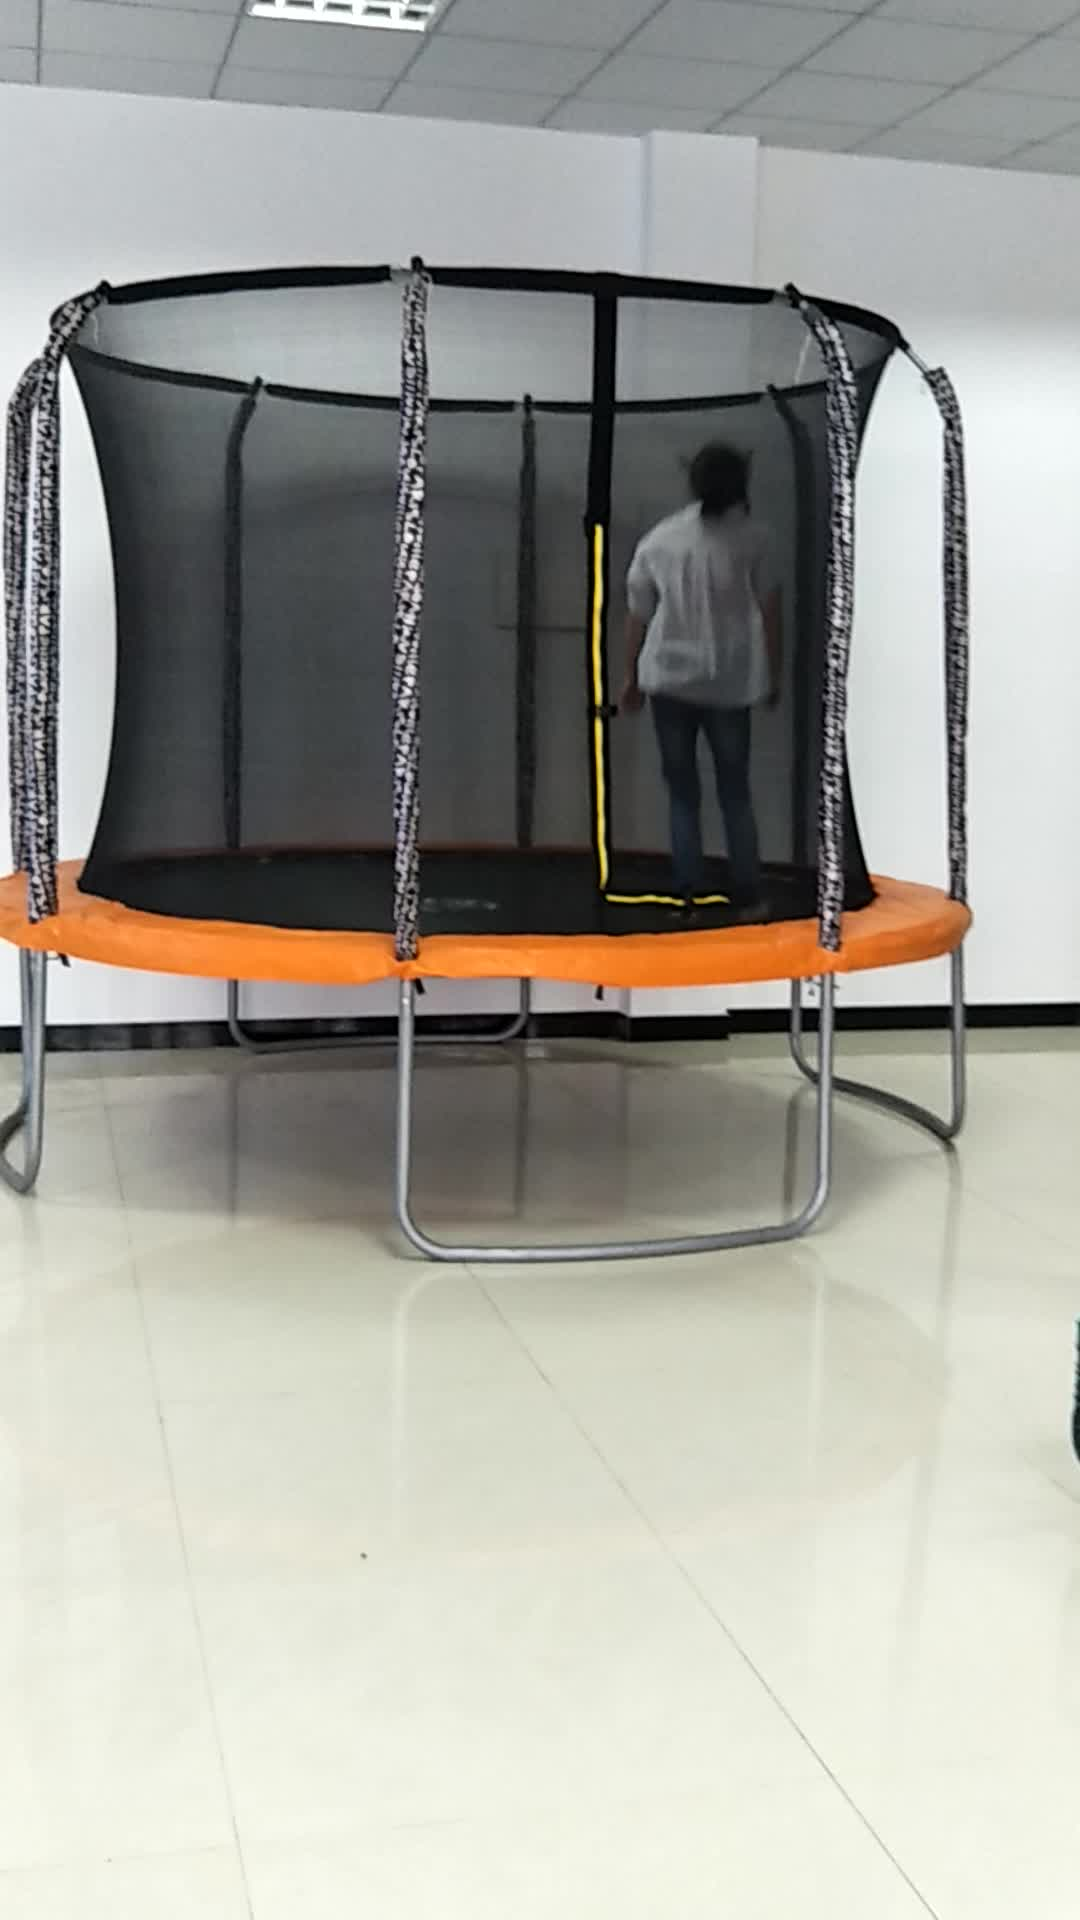 10ft grande trampolini con schiuma pit e recinzione in vendita